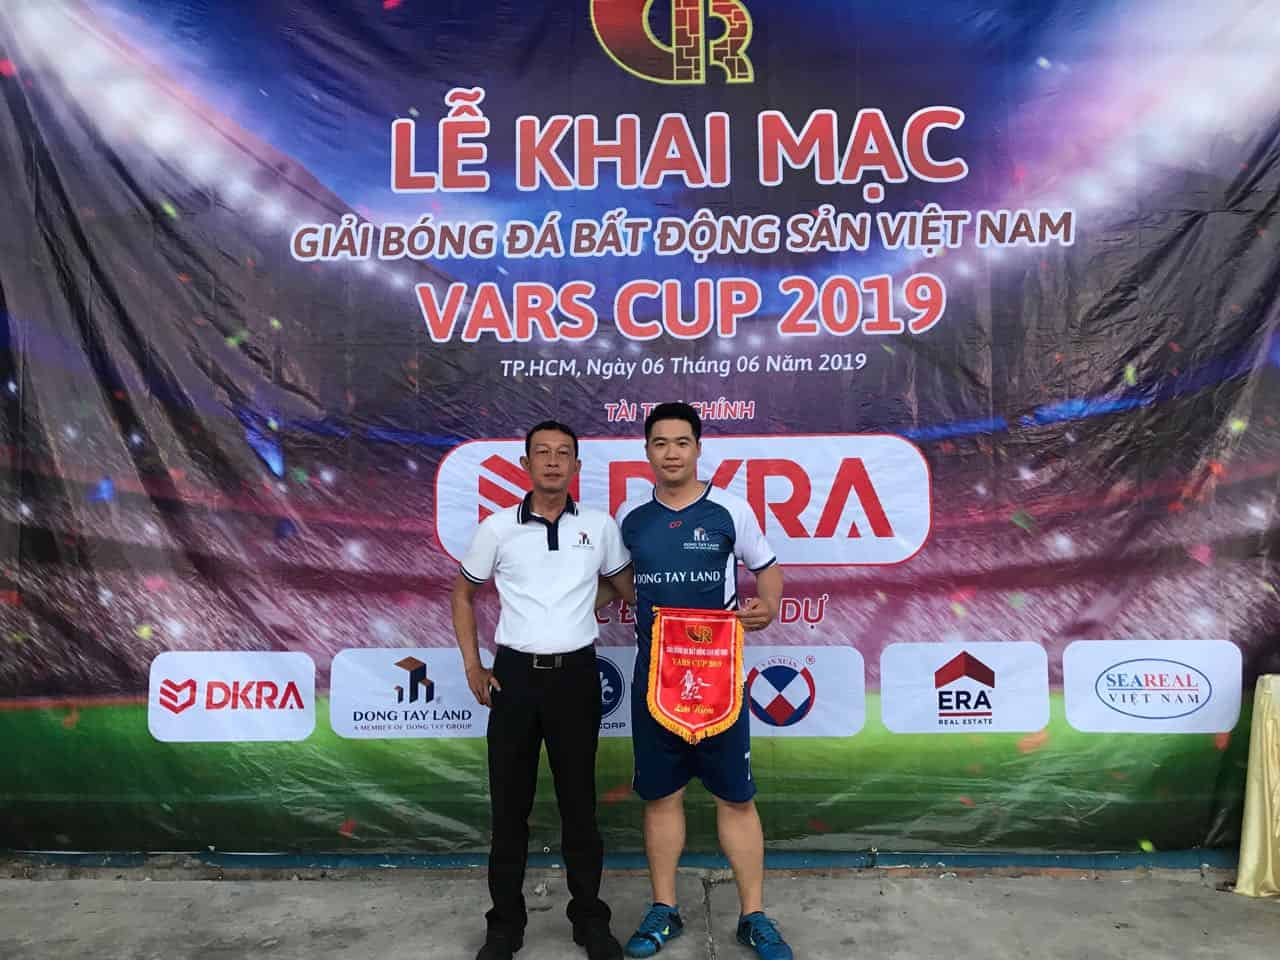 Đông Tây Land tham gia tranh tài giải bóng đá VARS CUP 2019 3